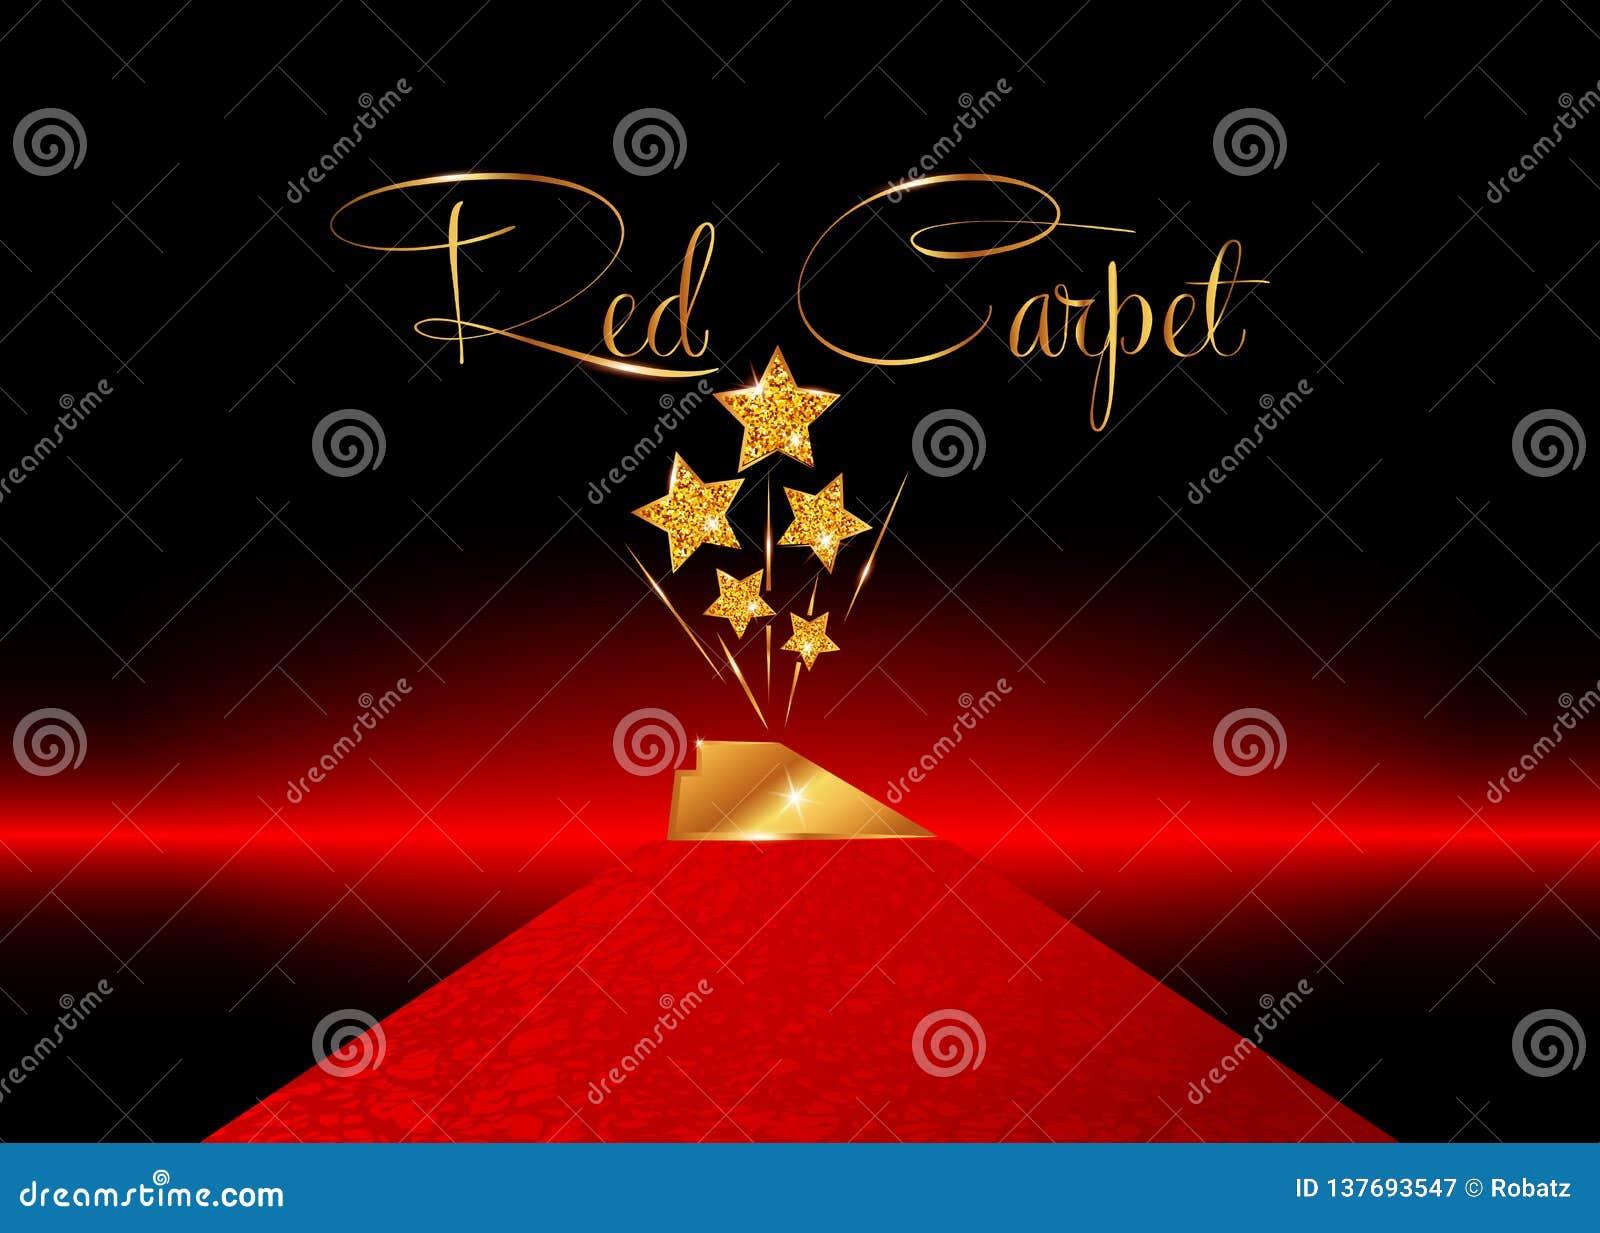 Premio de la estatua del PREMIO de la ESTRELLA del oro del PARTIDO de la película de HOLLYWOOD que da a ceremonia la alfombra roj